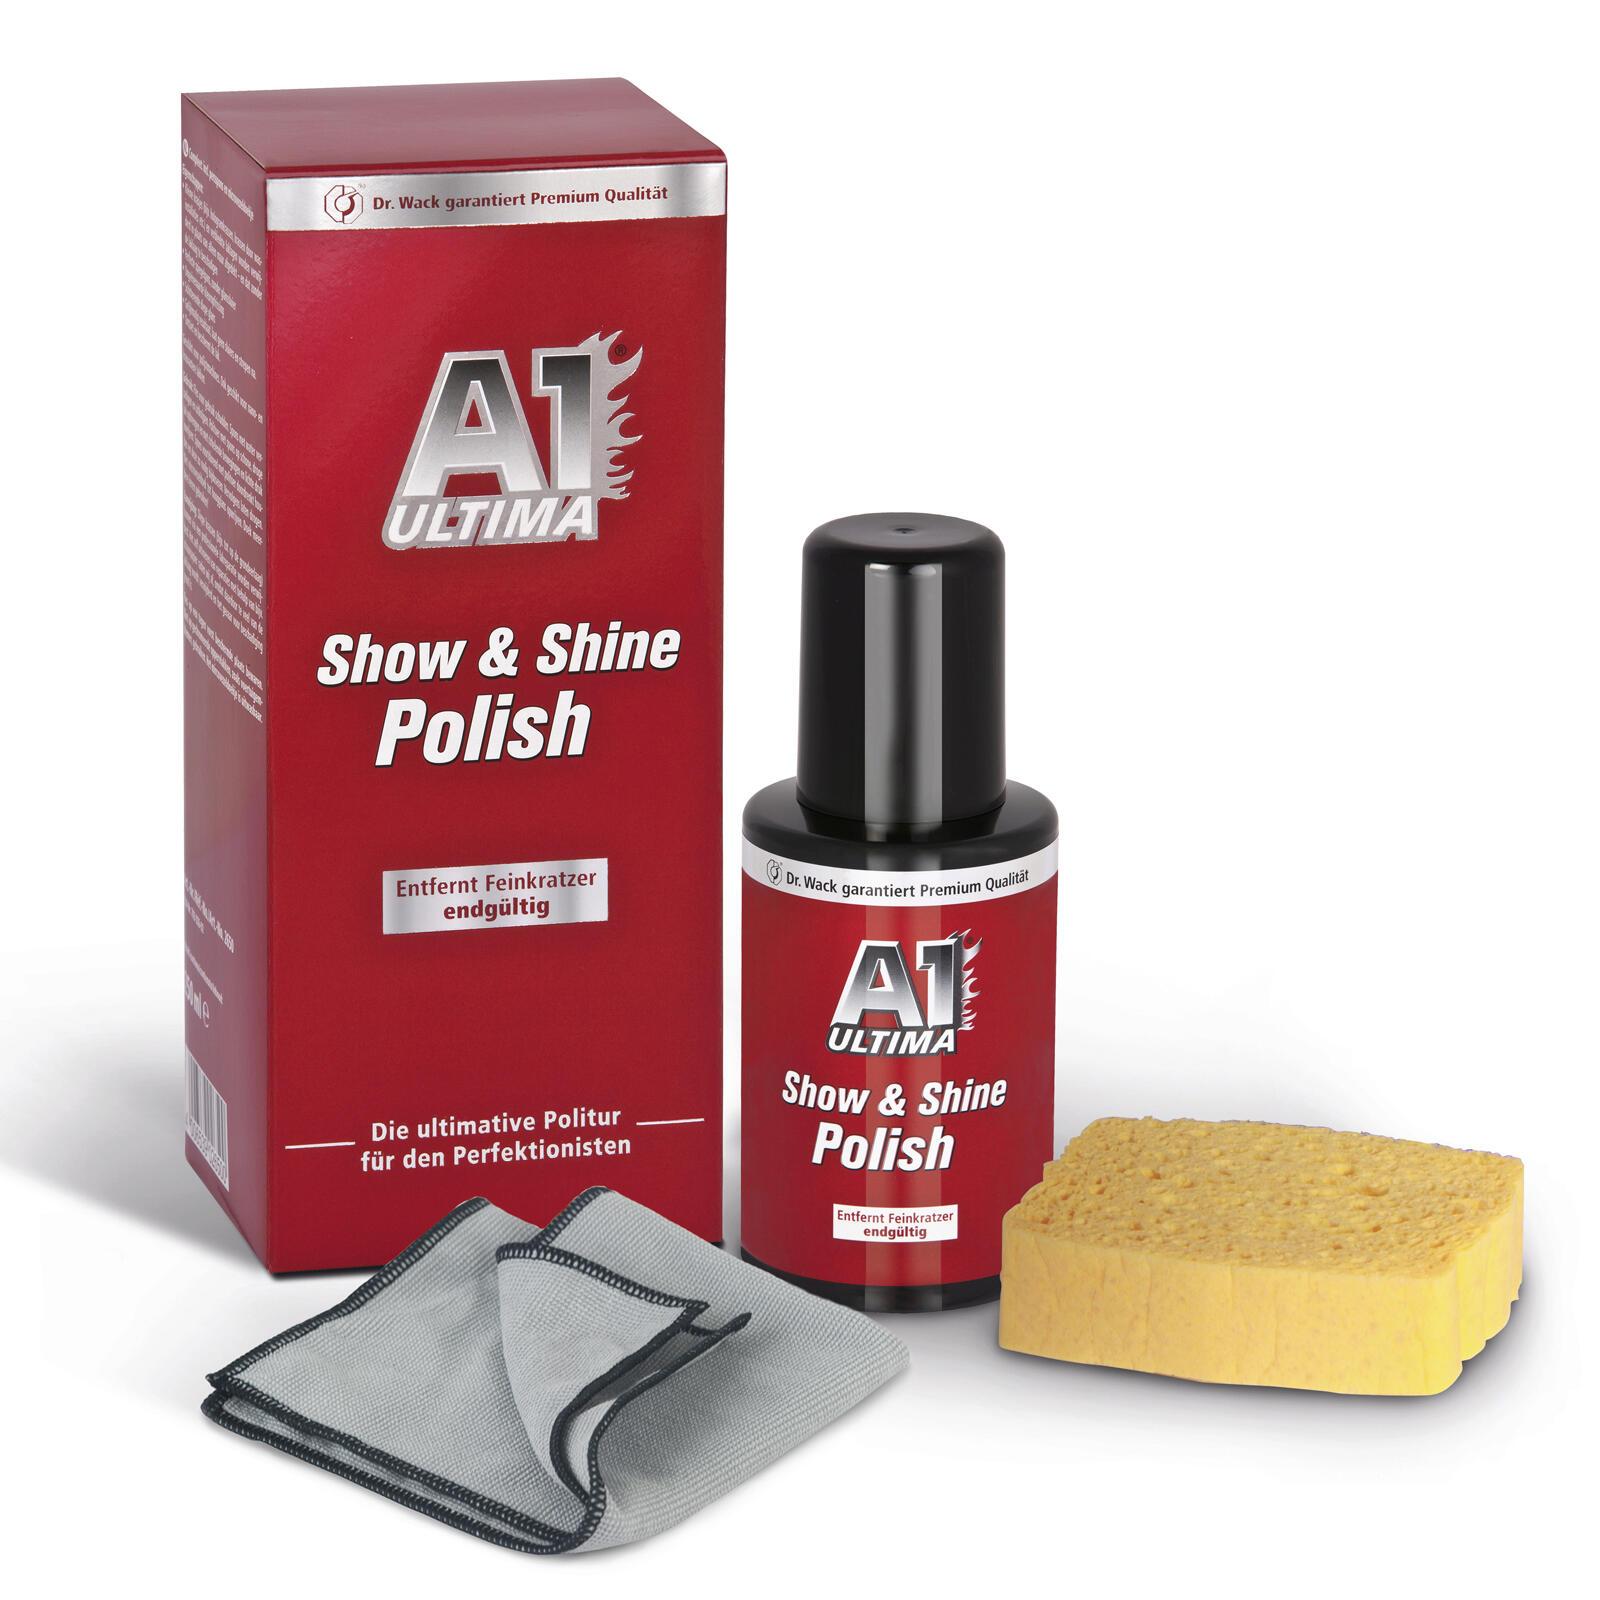 Dr. Wack A1 SHOW & SHINE POLISH 250 ML Politur für einen perfekten Auftritt